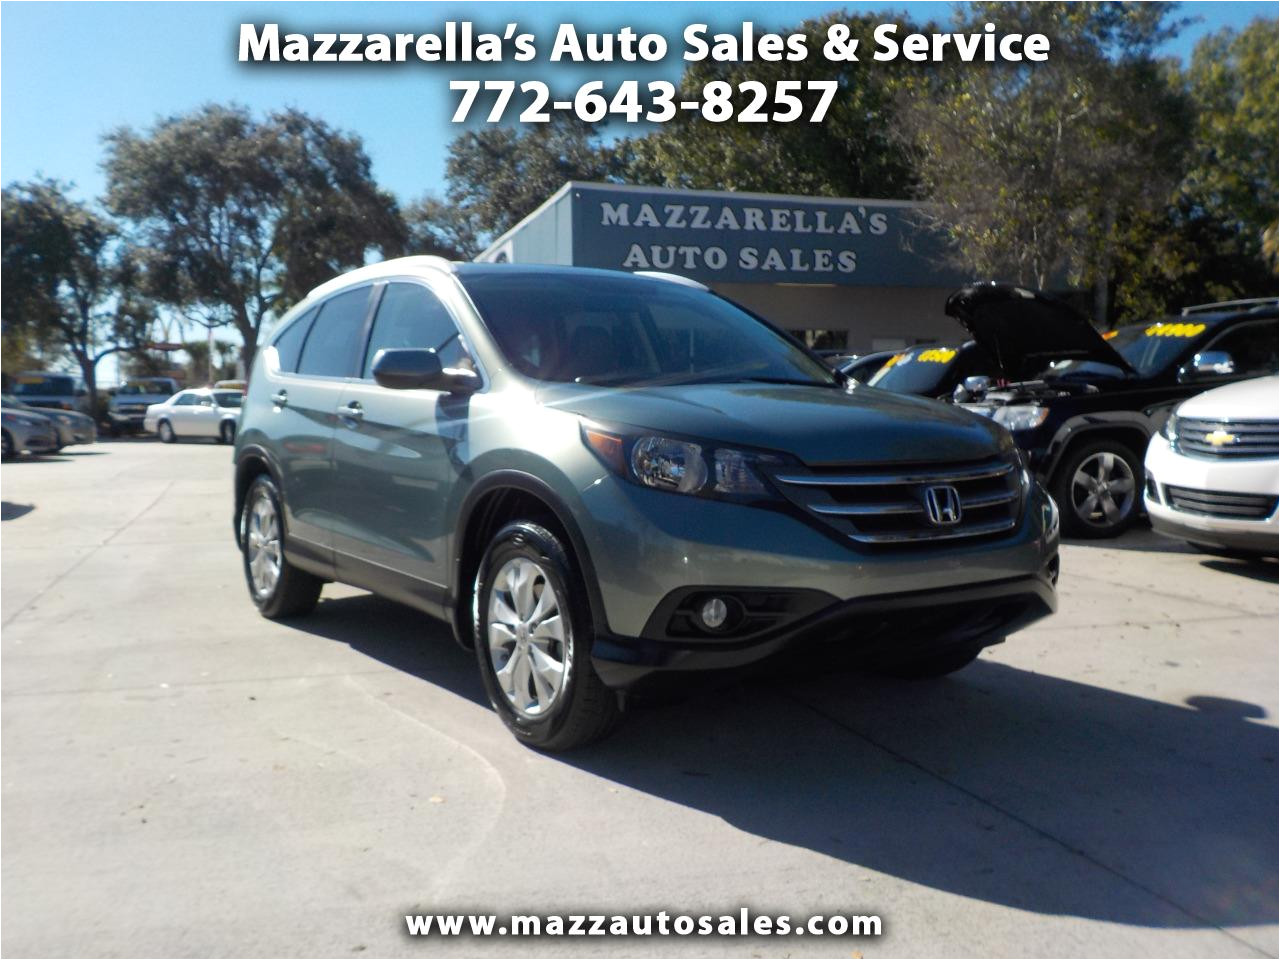 buy here pay here 2012 honda cr v for sale in vero beach fl 32960 mazzarella s auto sales service